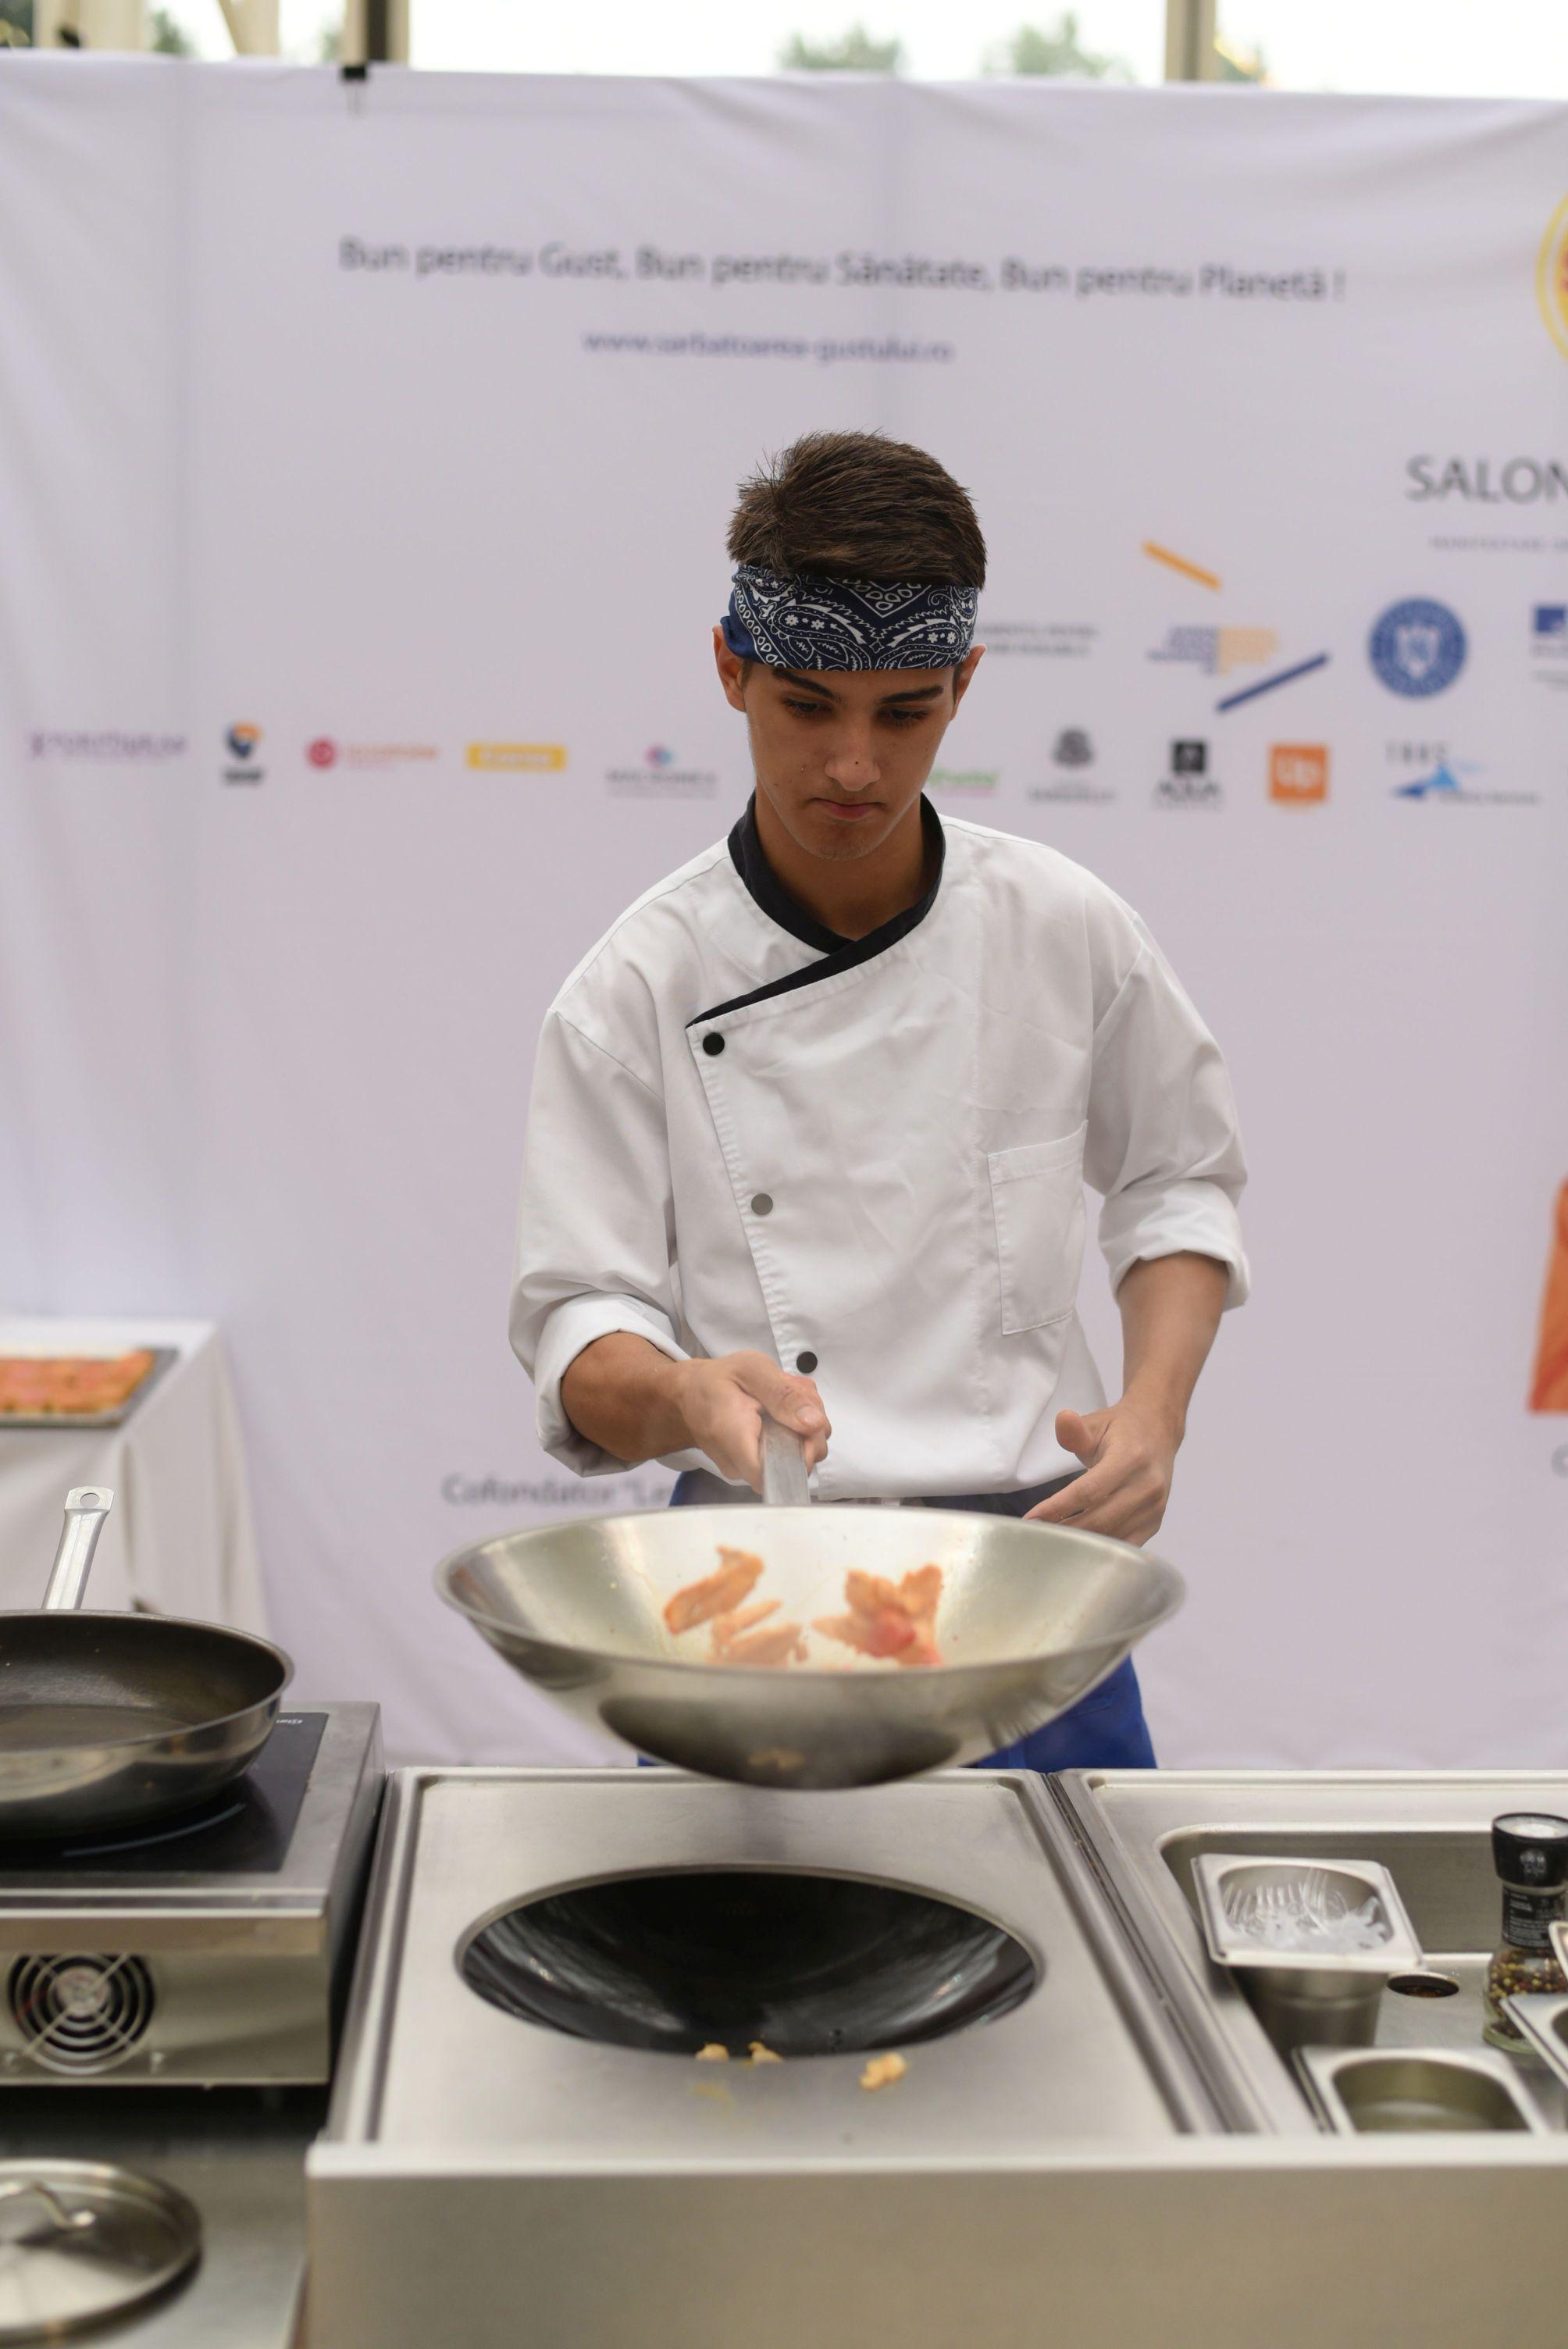 Sarbatoarea_Gustului_Salon_de_Gastronomie_107